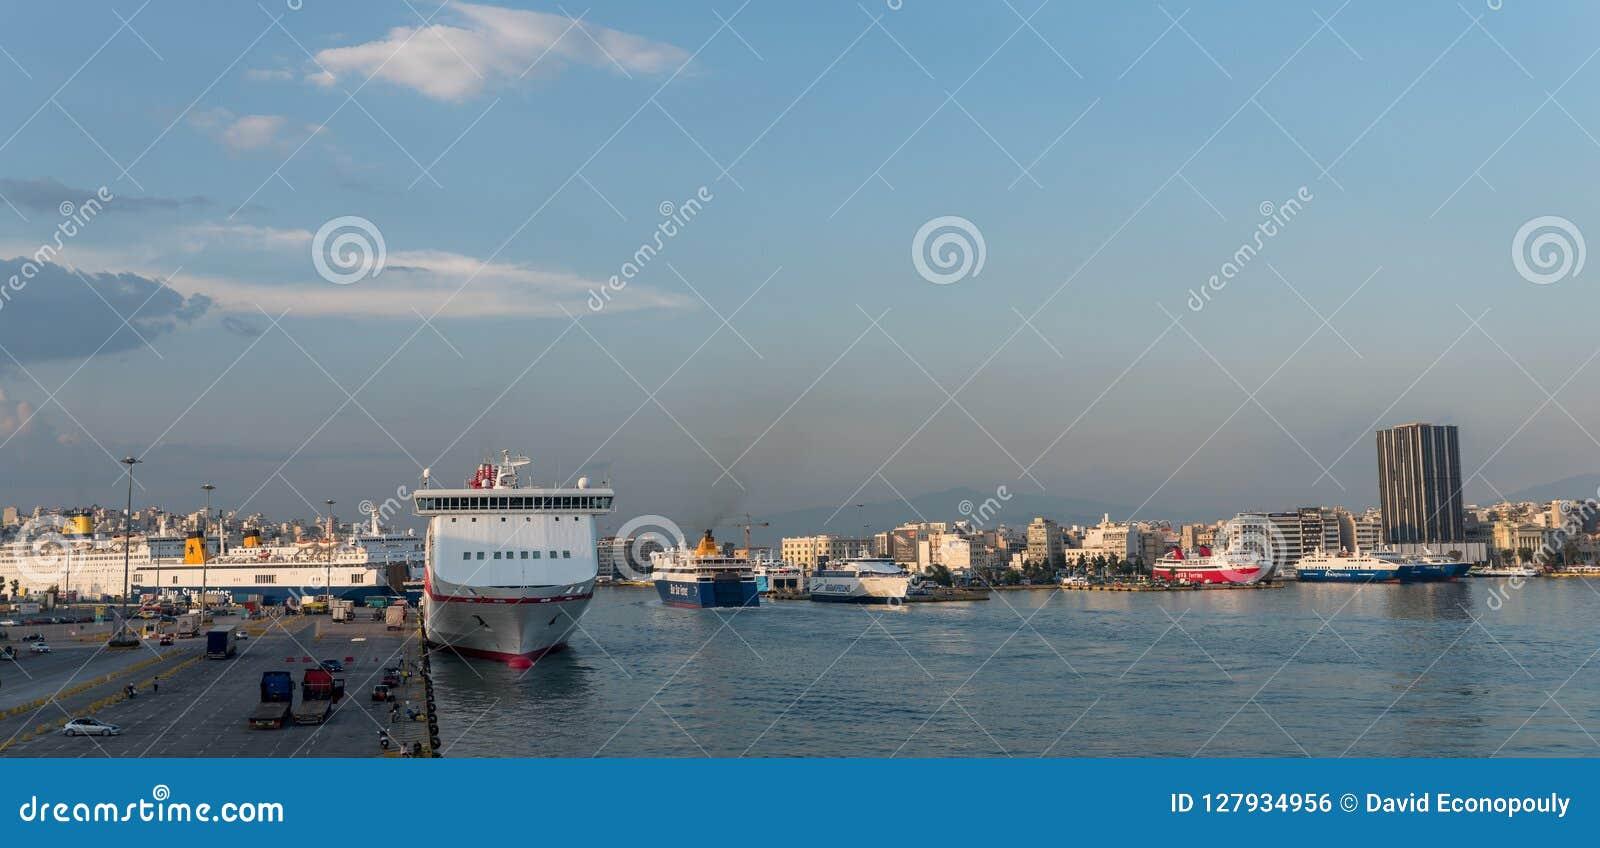 Pireaus Grecia 18 de junio de 2018: Panaroma del puerto de Pireaus en Grecia